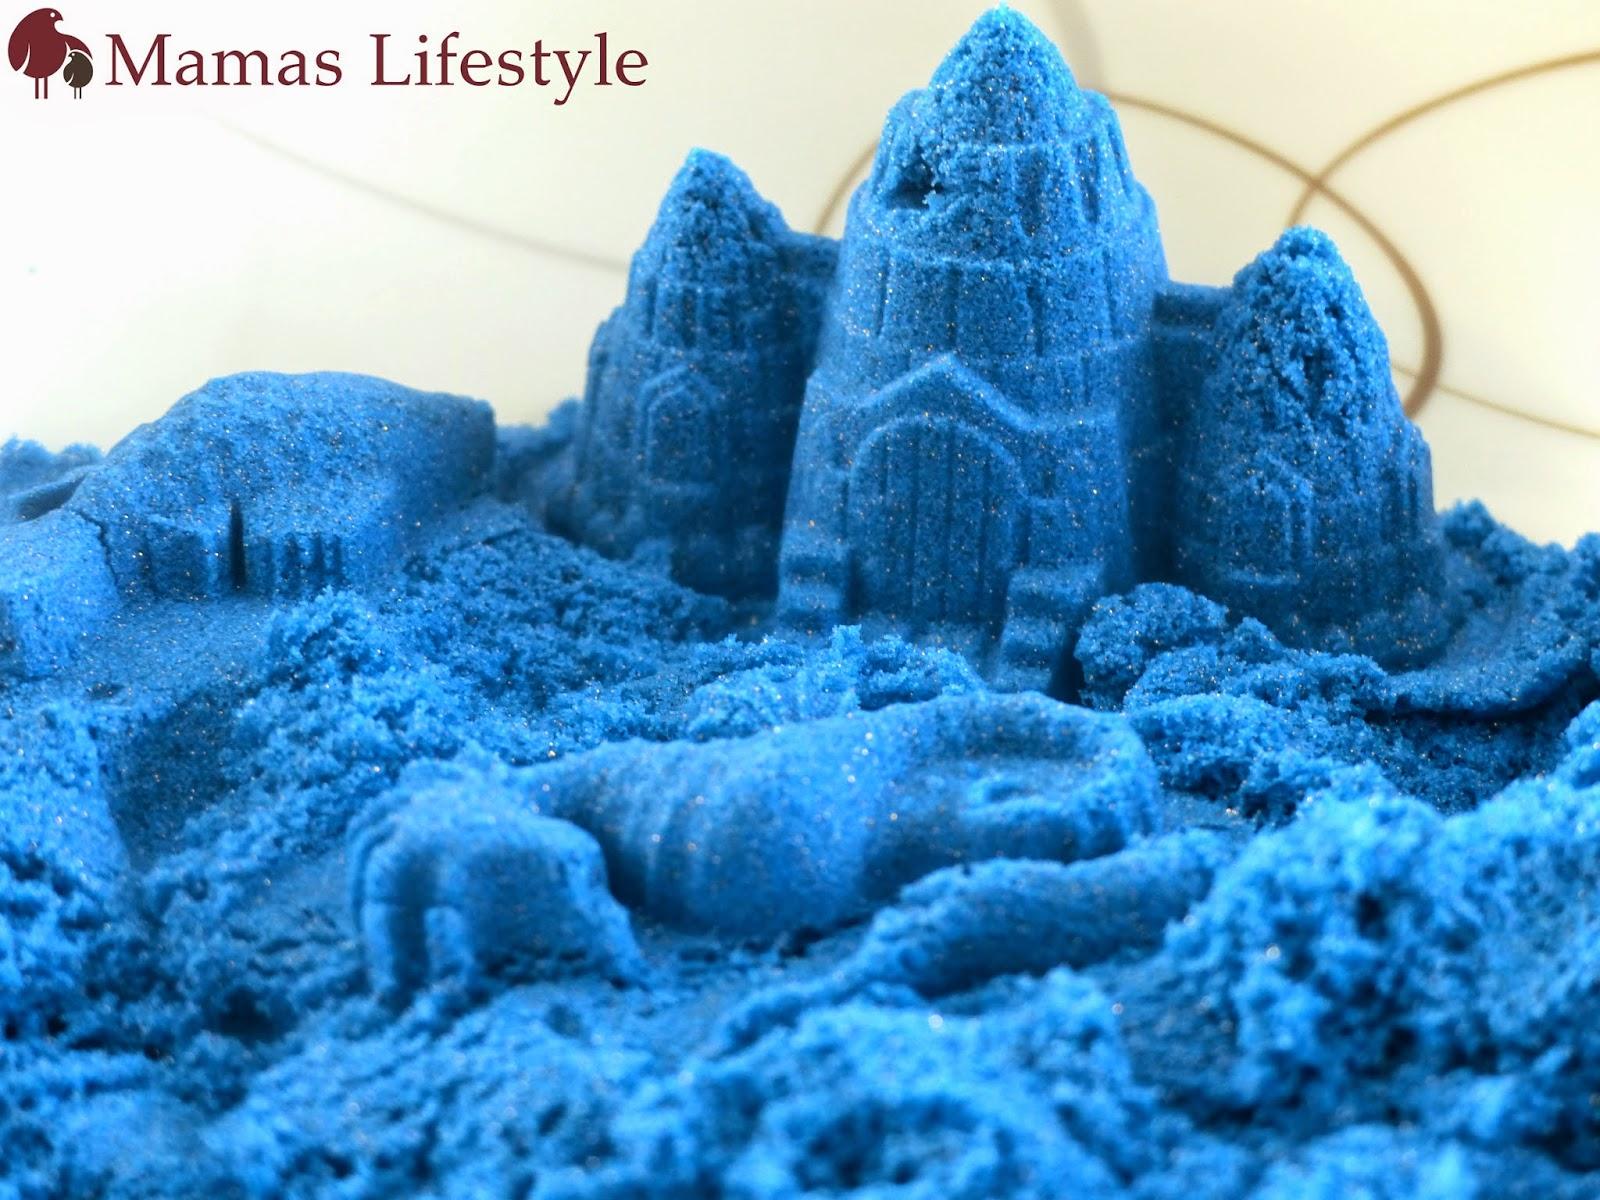 mamas lifestyle mit kinetic sand den sandkasten ins wohnzimmern holen. Black Bedroom Furniture Sets. Home Design Ideas